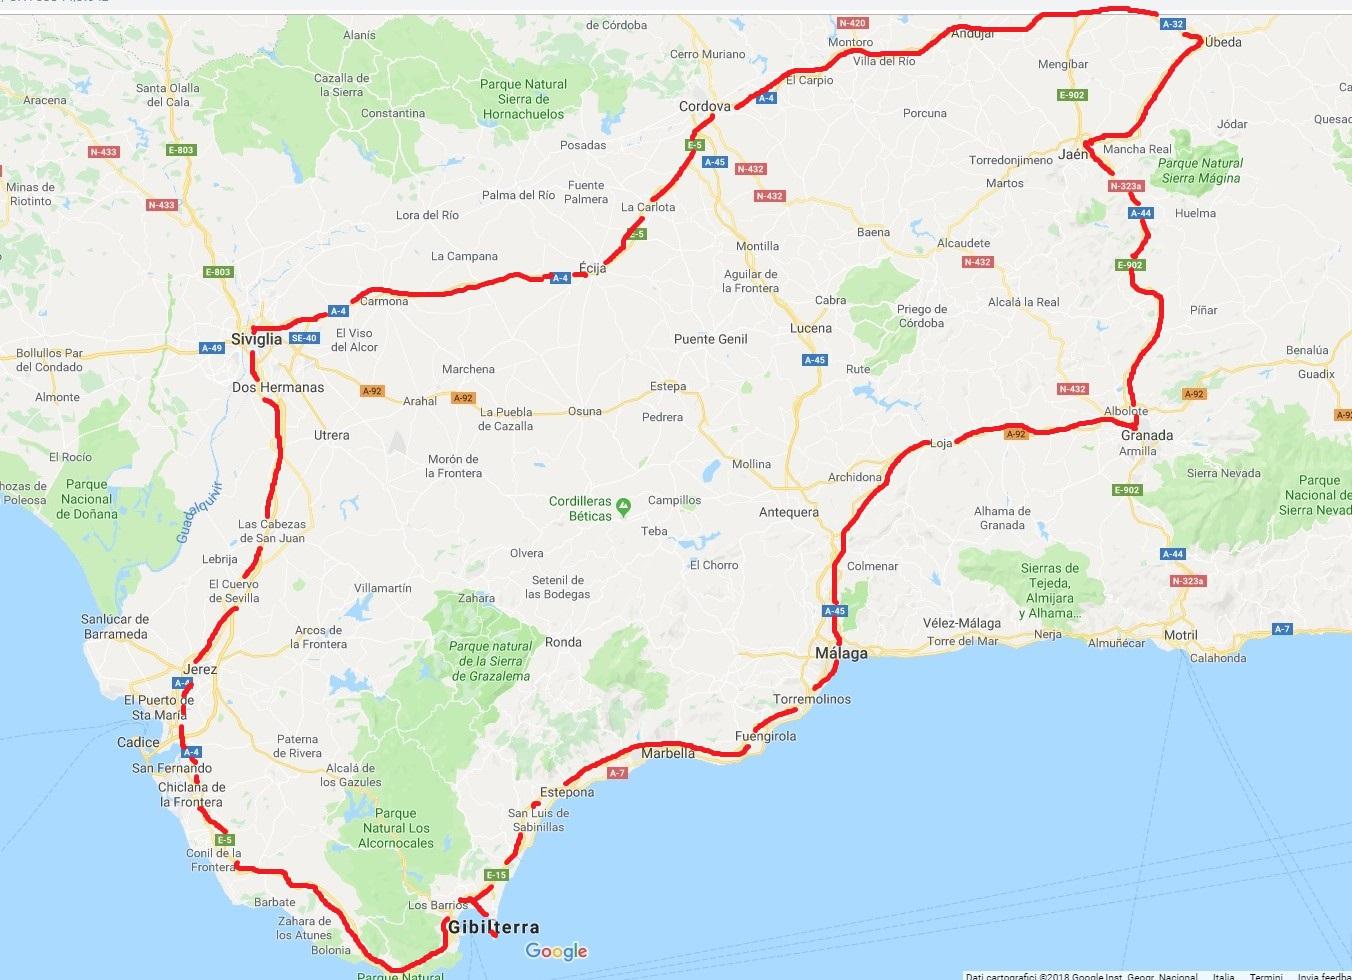 Malaga Spagna Cartina.Vivendo Salendo Viaggio In Andalusia Spagna Siviglia Jerez De La Frontera Tarifa Malaga Granada Baeza Ubeda E Cordoba E A Gibilterra Regno Unito